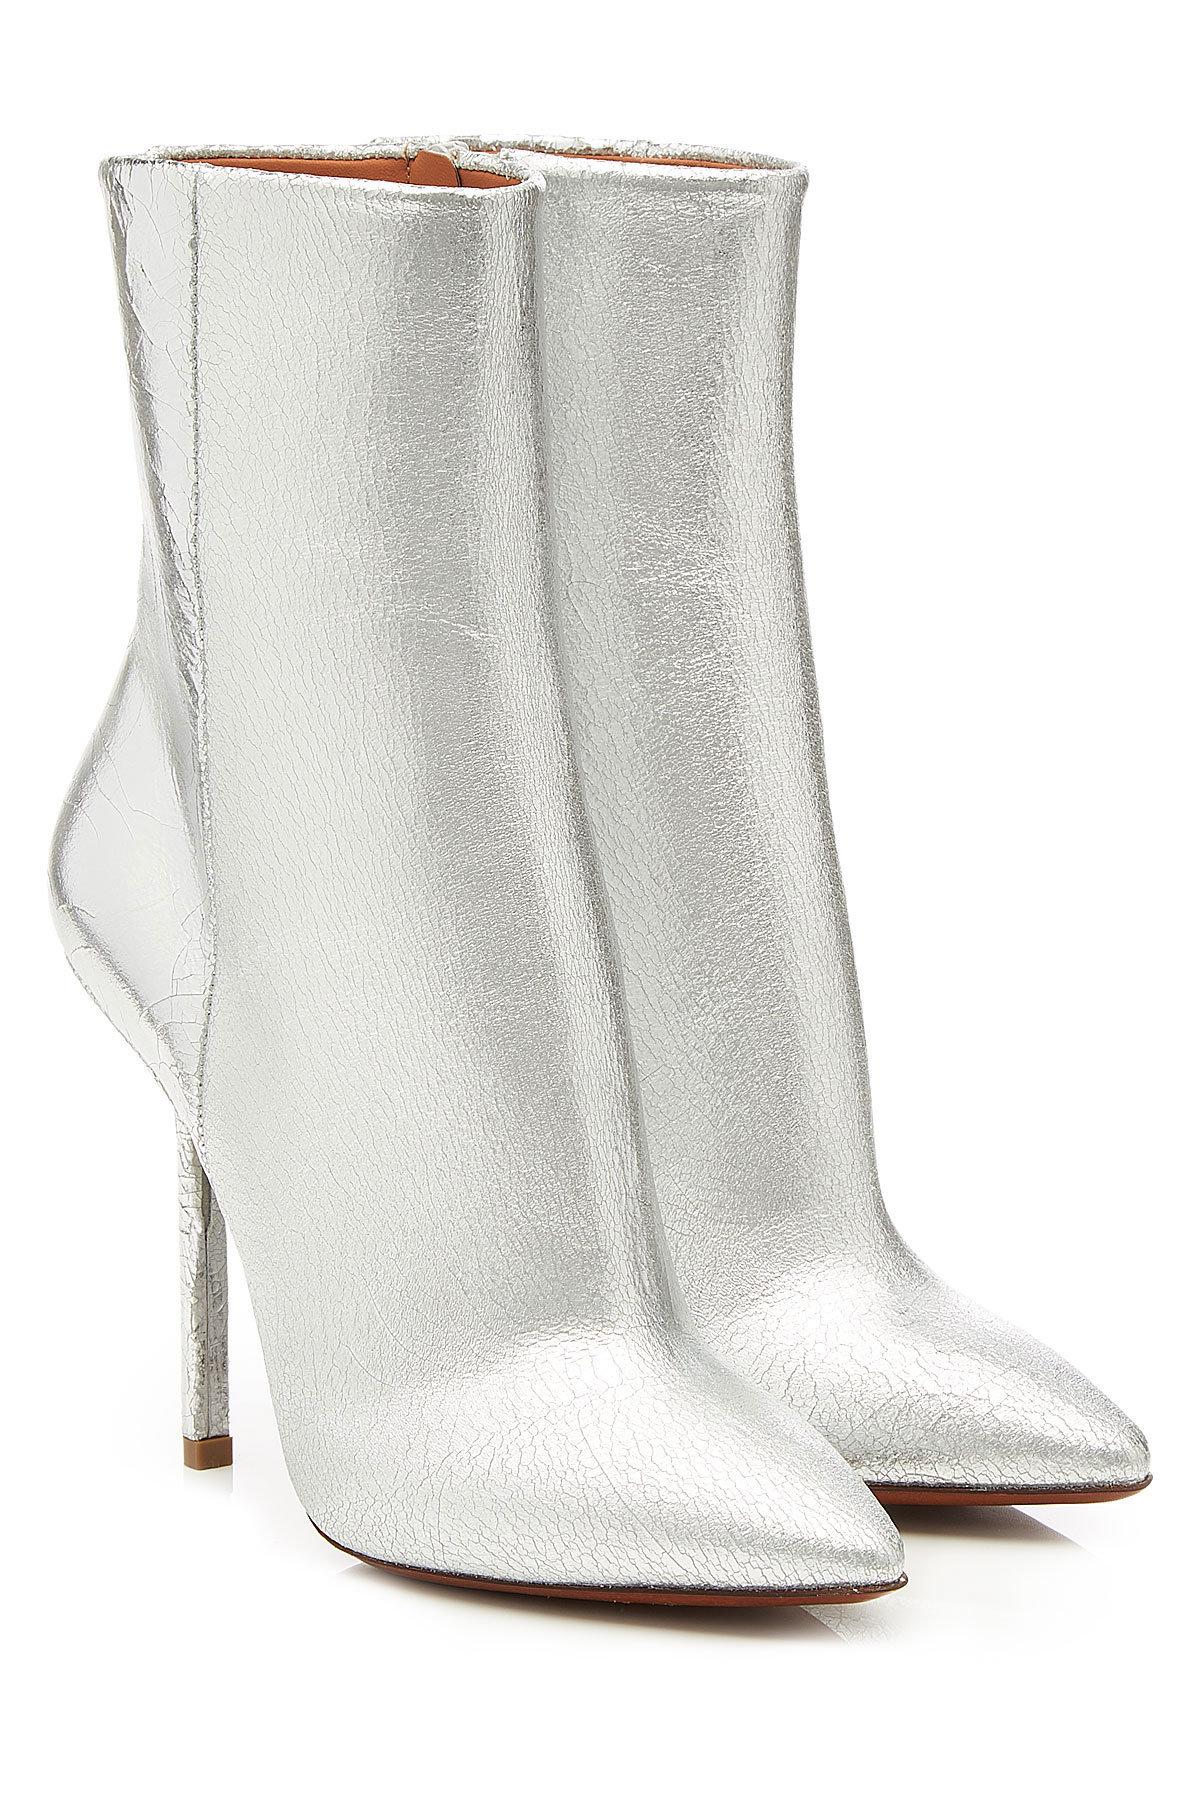 VetementsSatin Ankle Boots Gr. IT 40 2Qieu